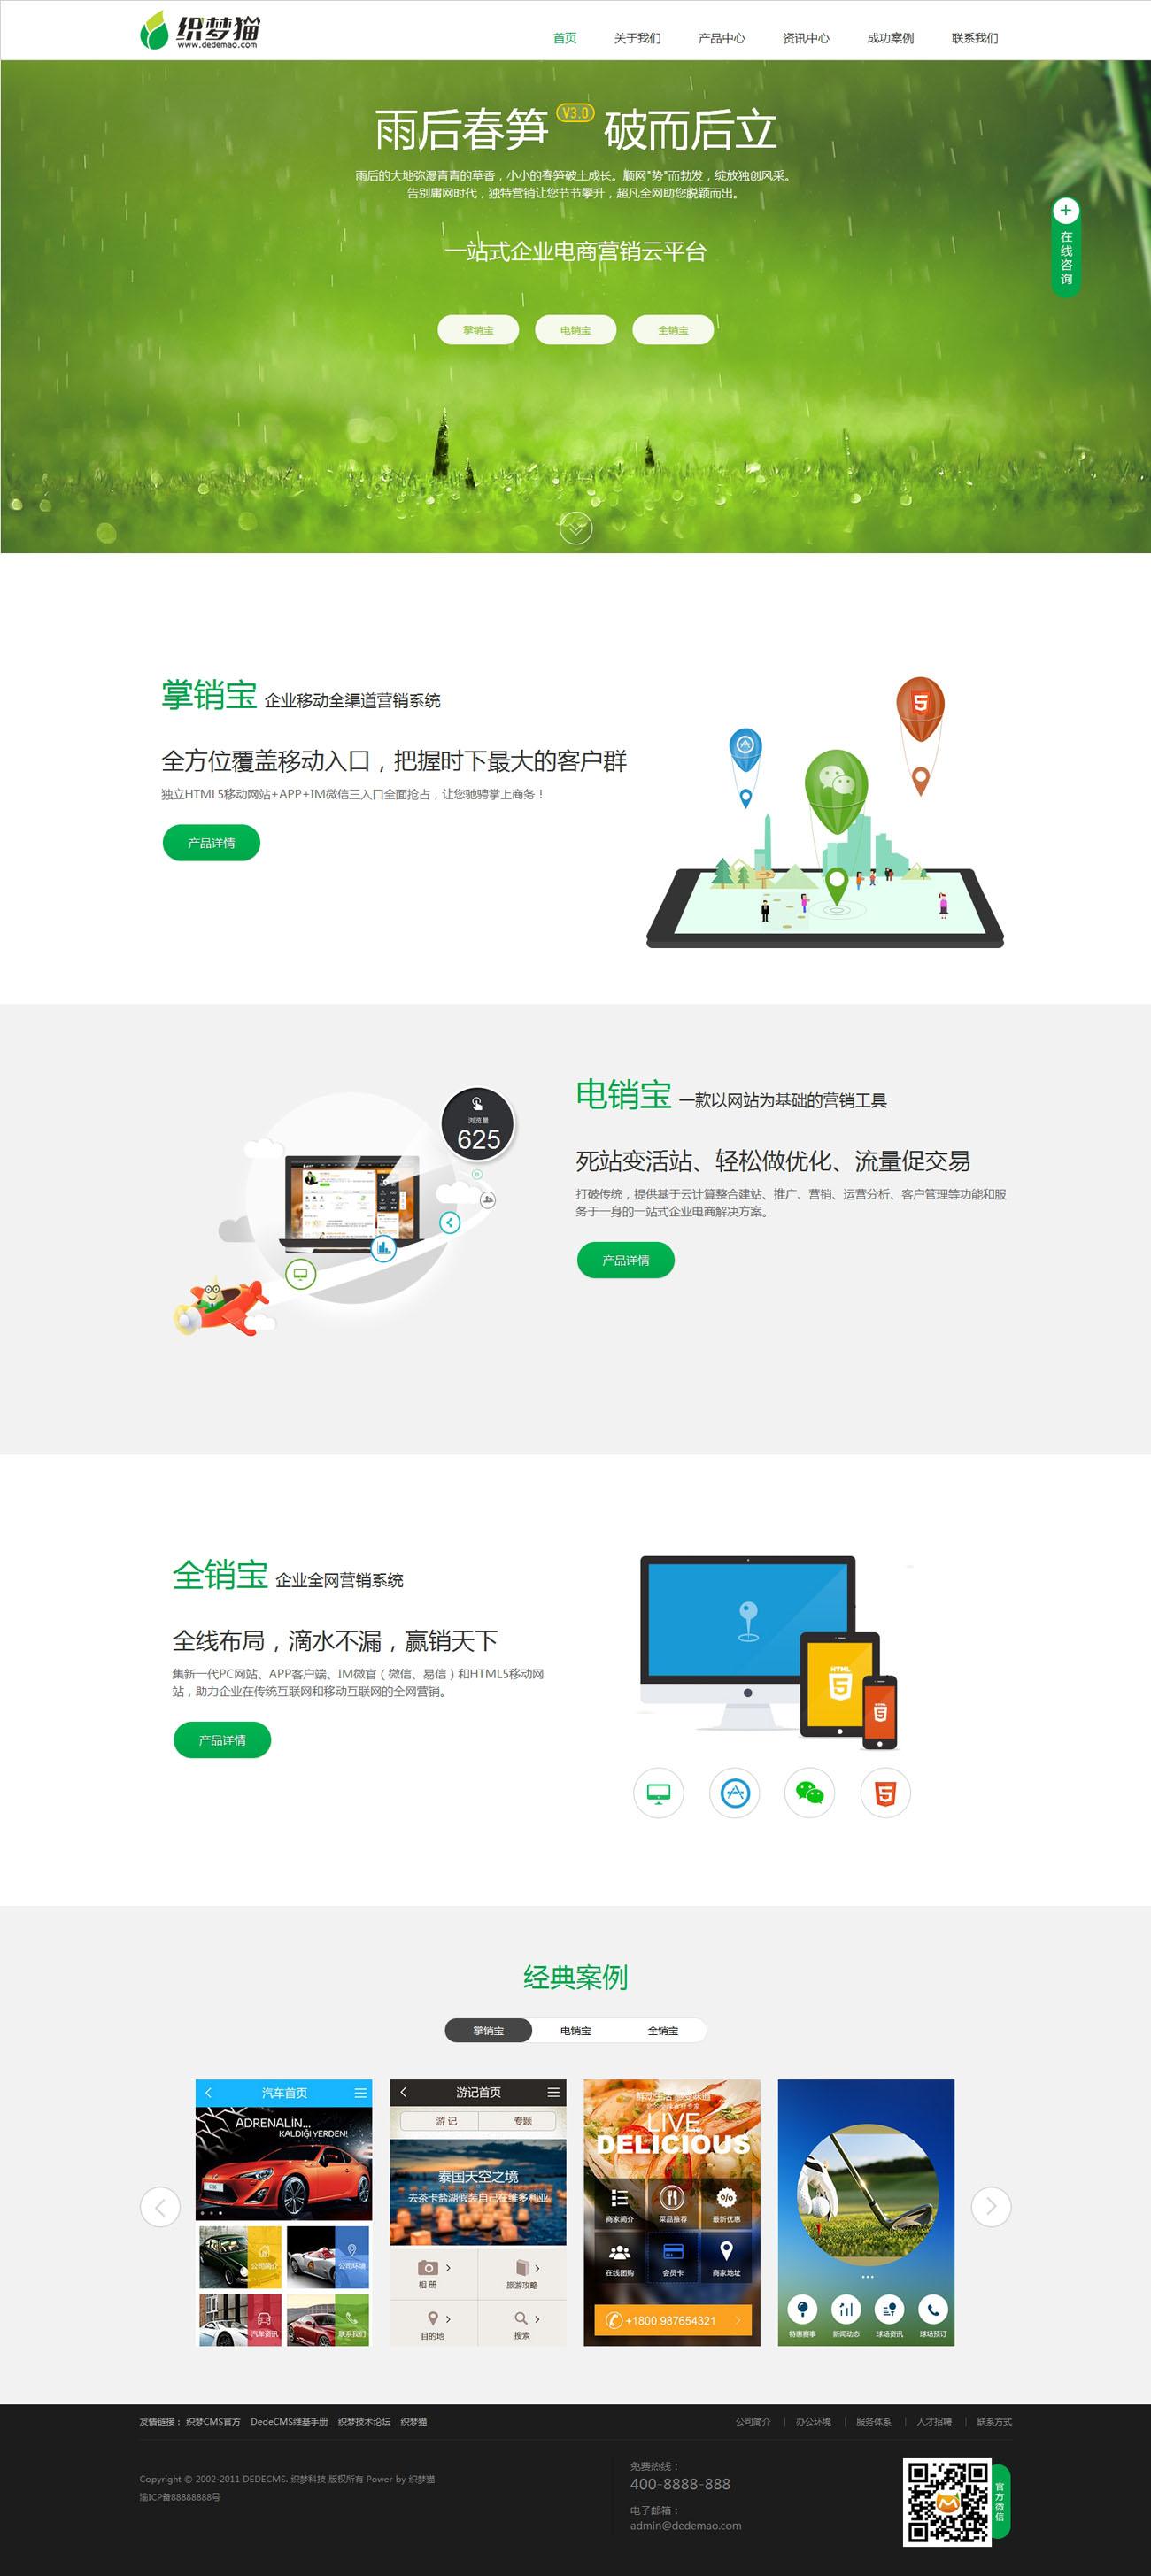 织梦dedecms电子商务营销类企业网站模板